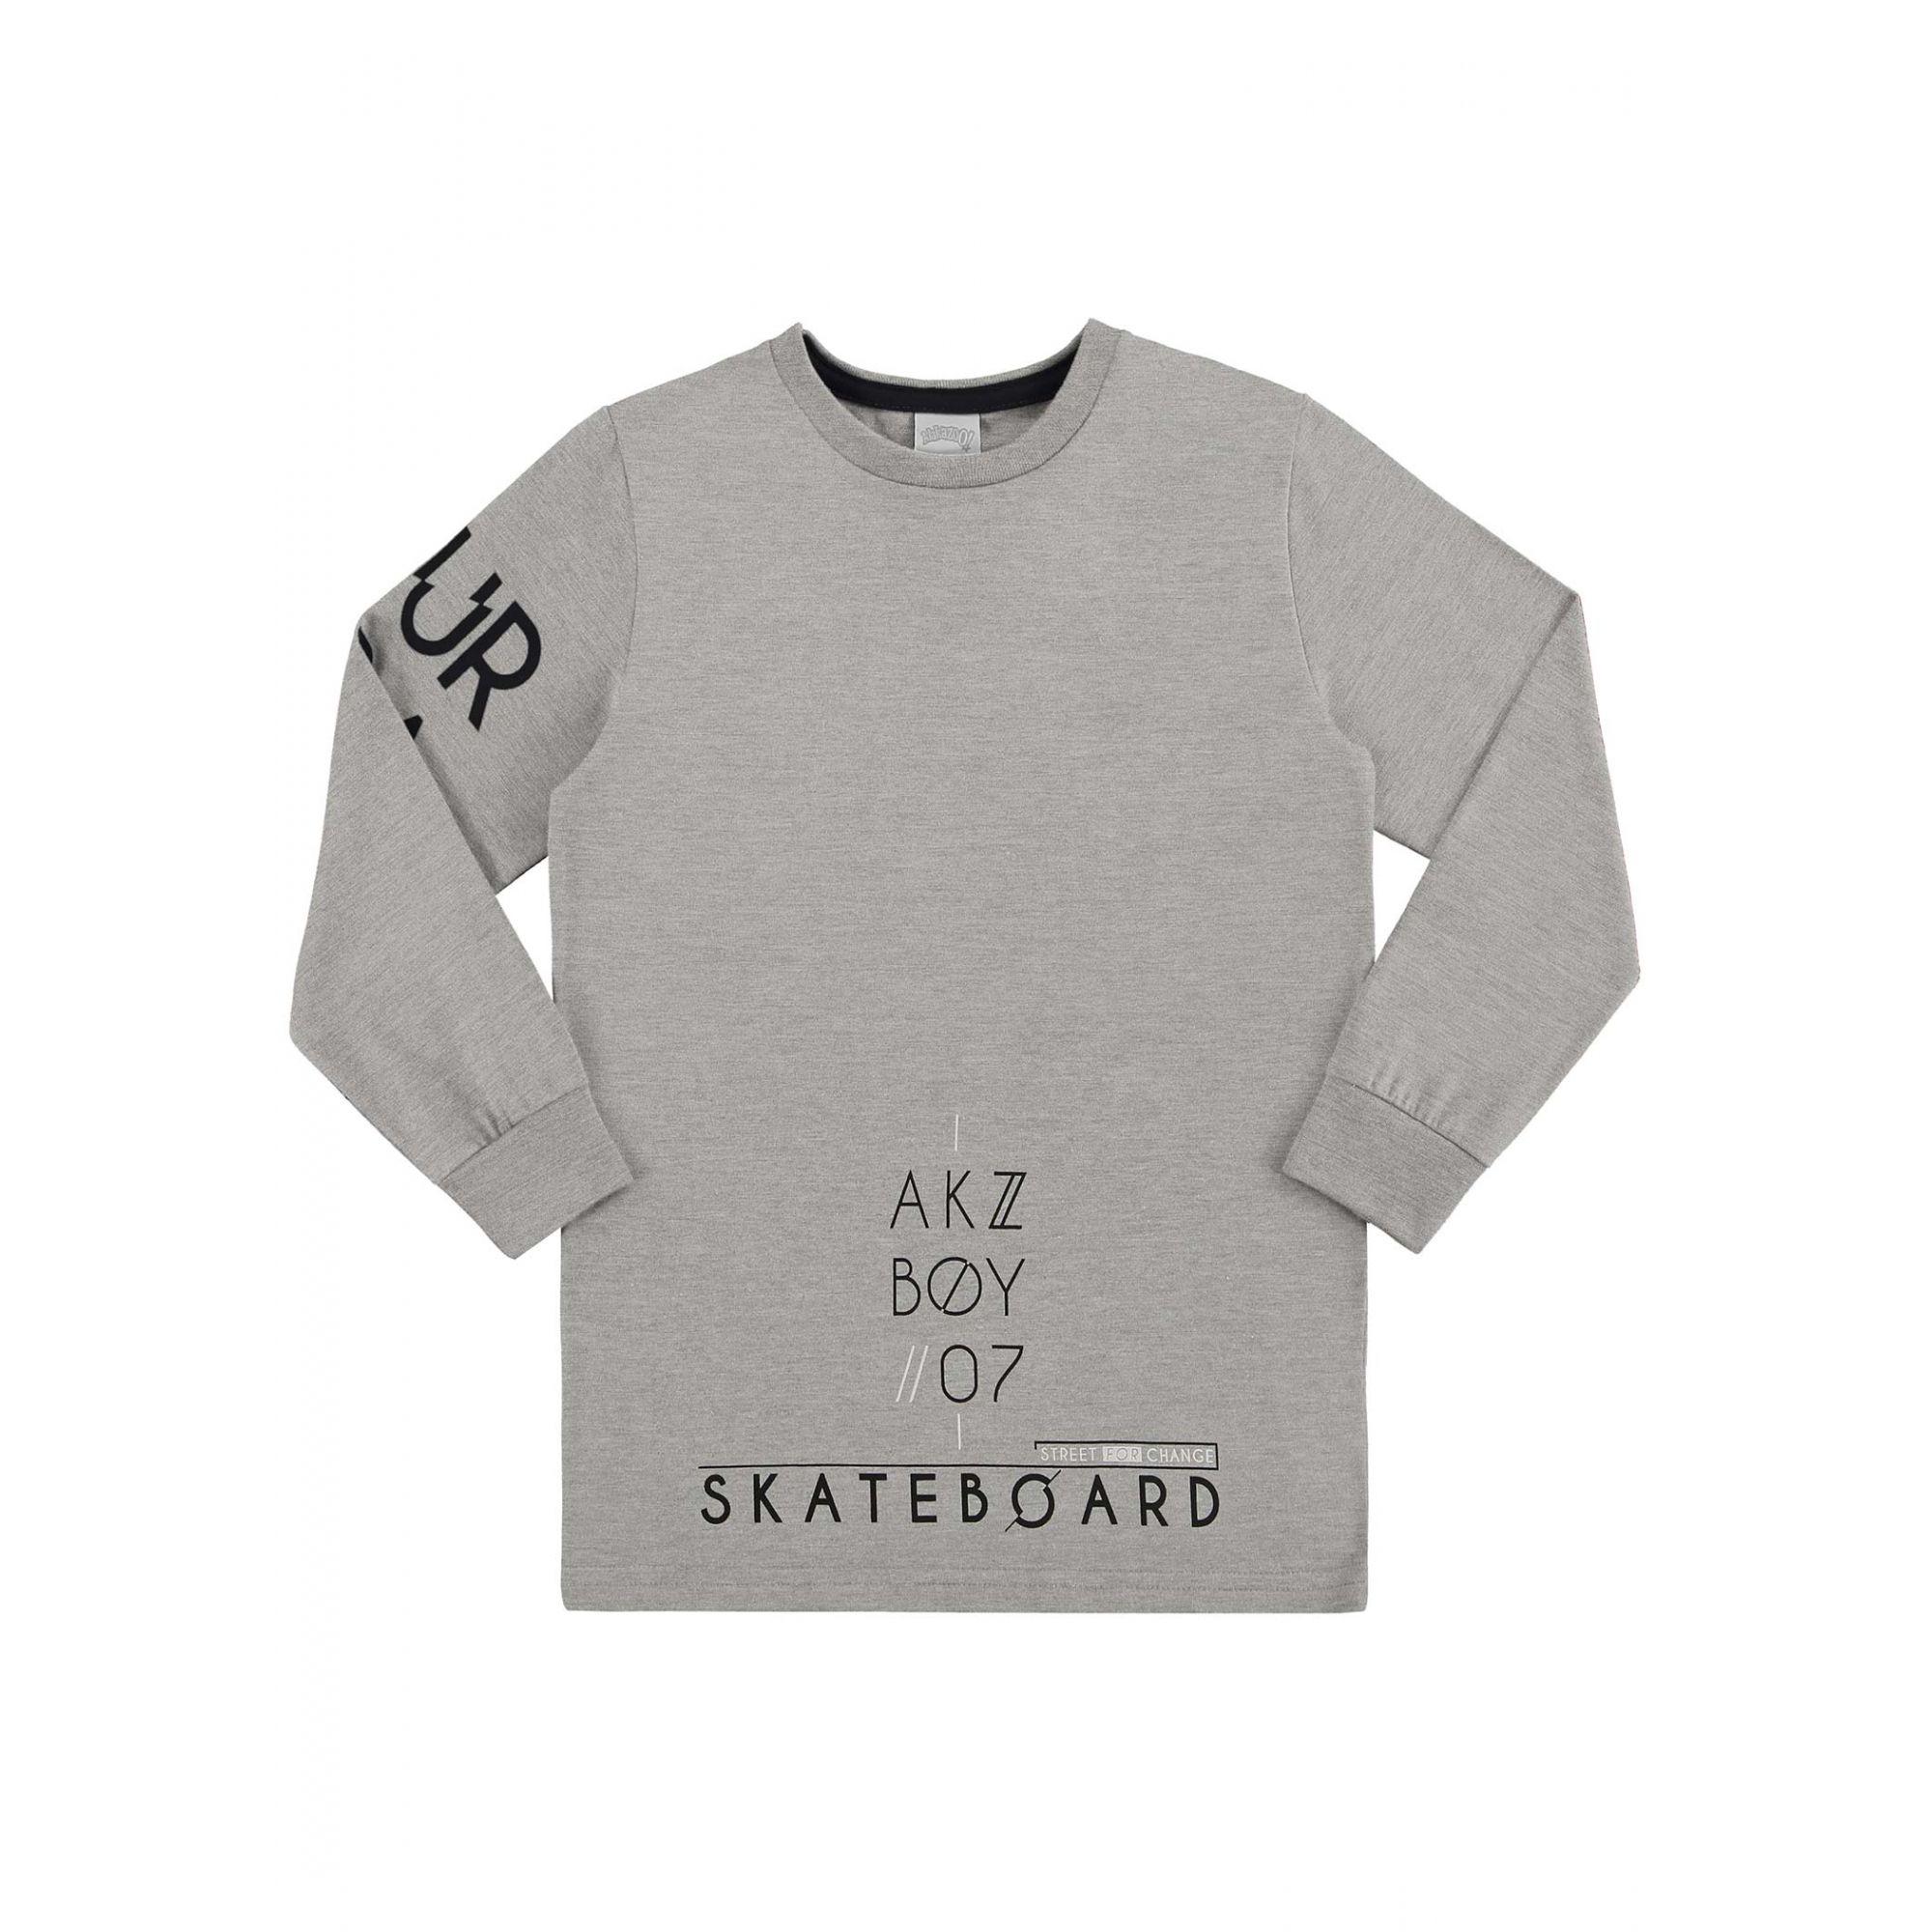 Camiseta Infantil Masculina Inverno Cinza Boy Alakazoo